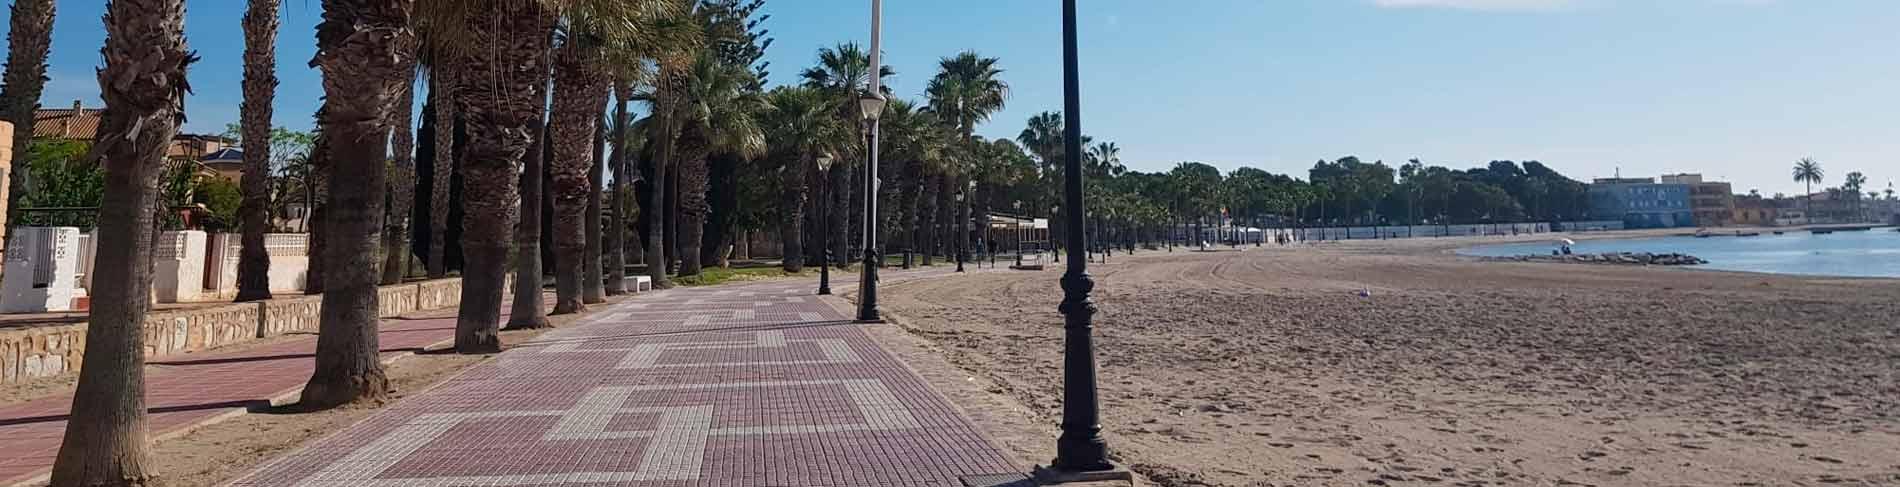 Mar Menor serie panoramica Playa Las Palmeras